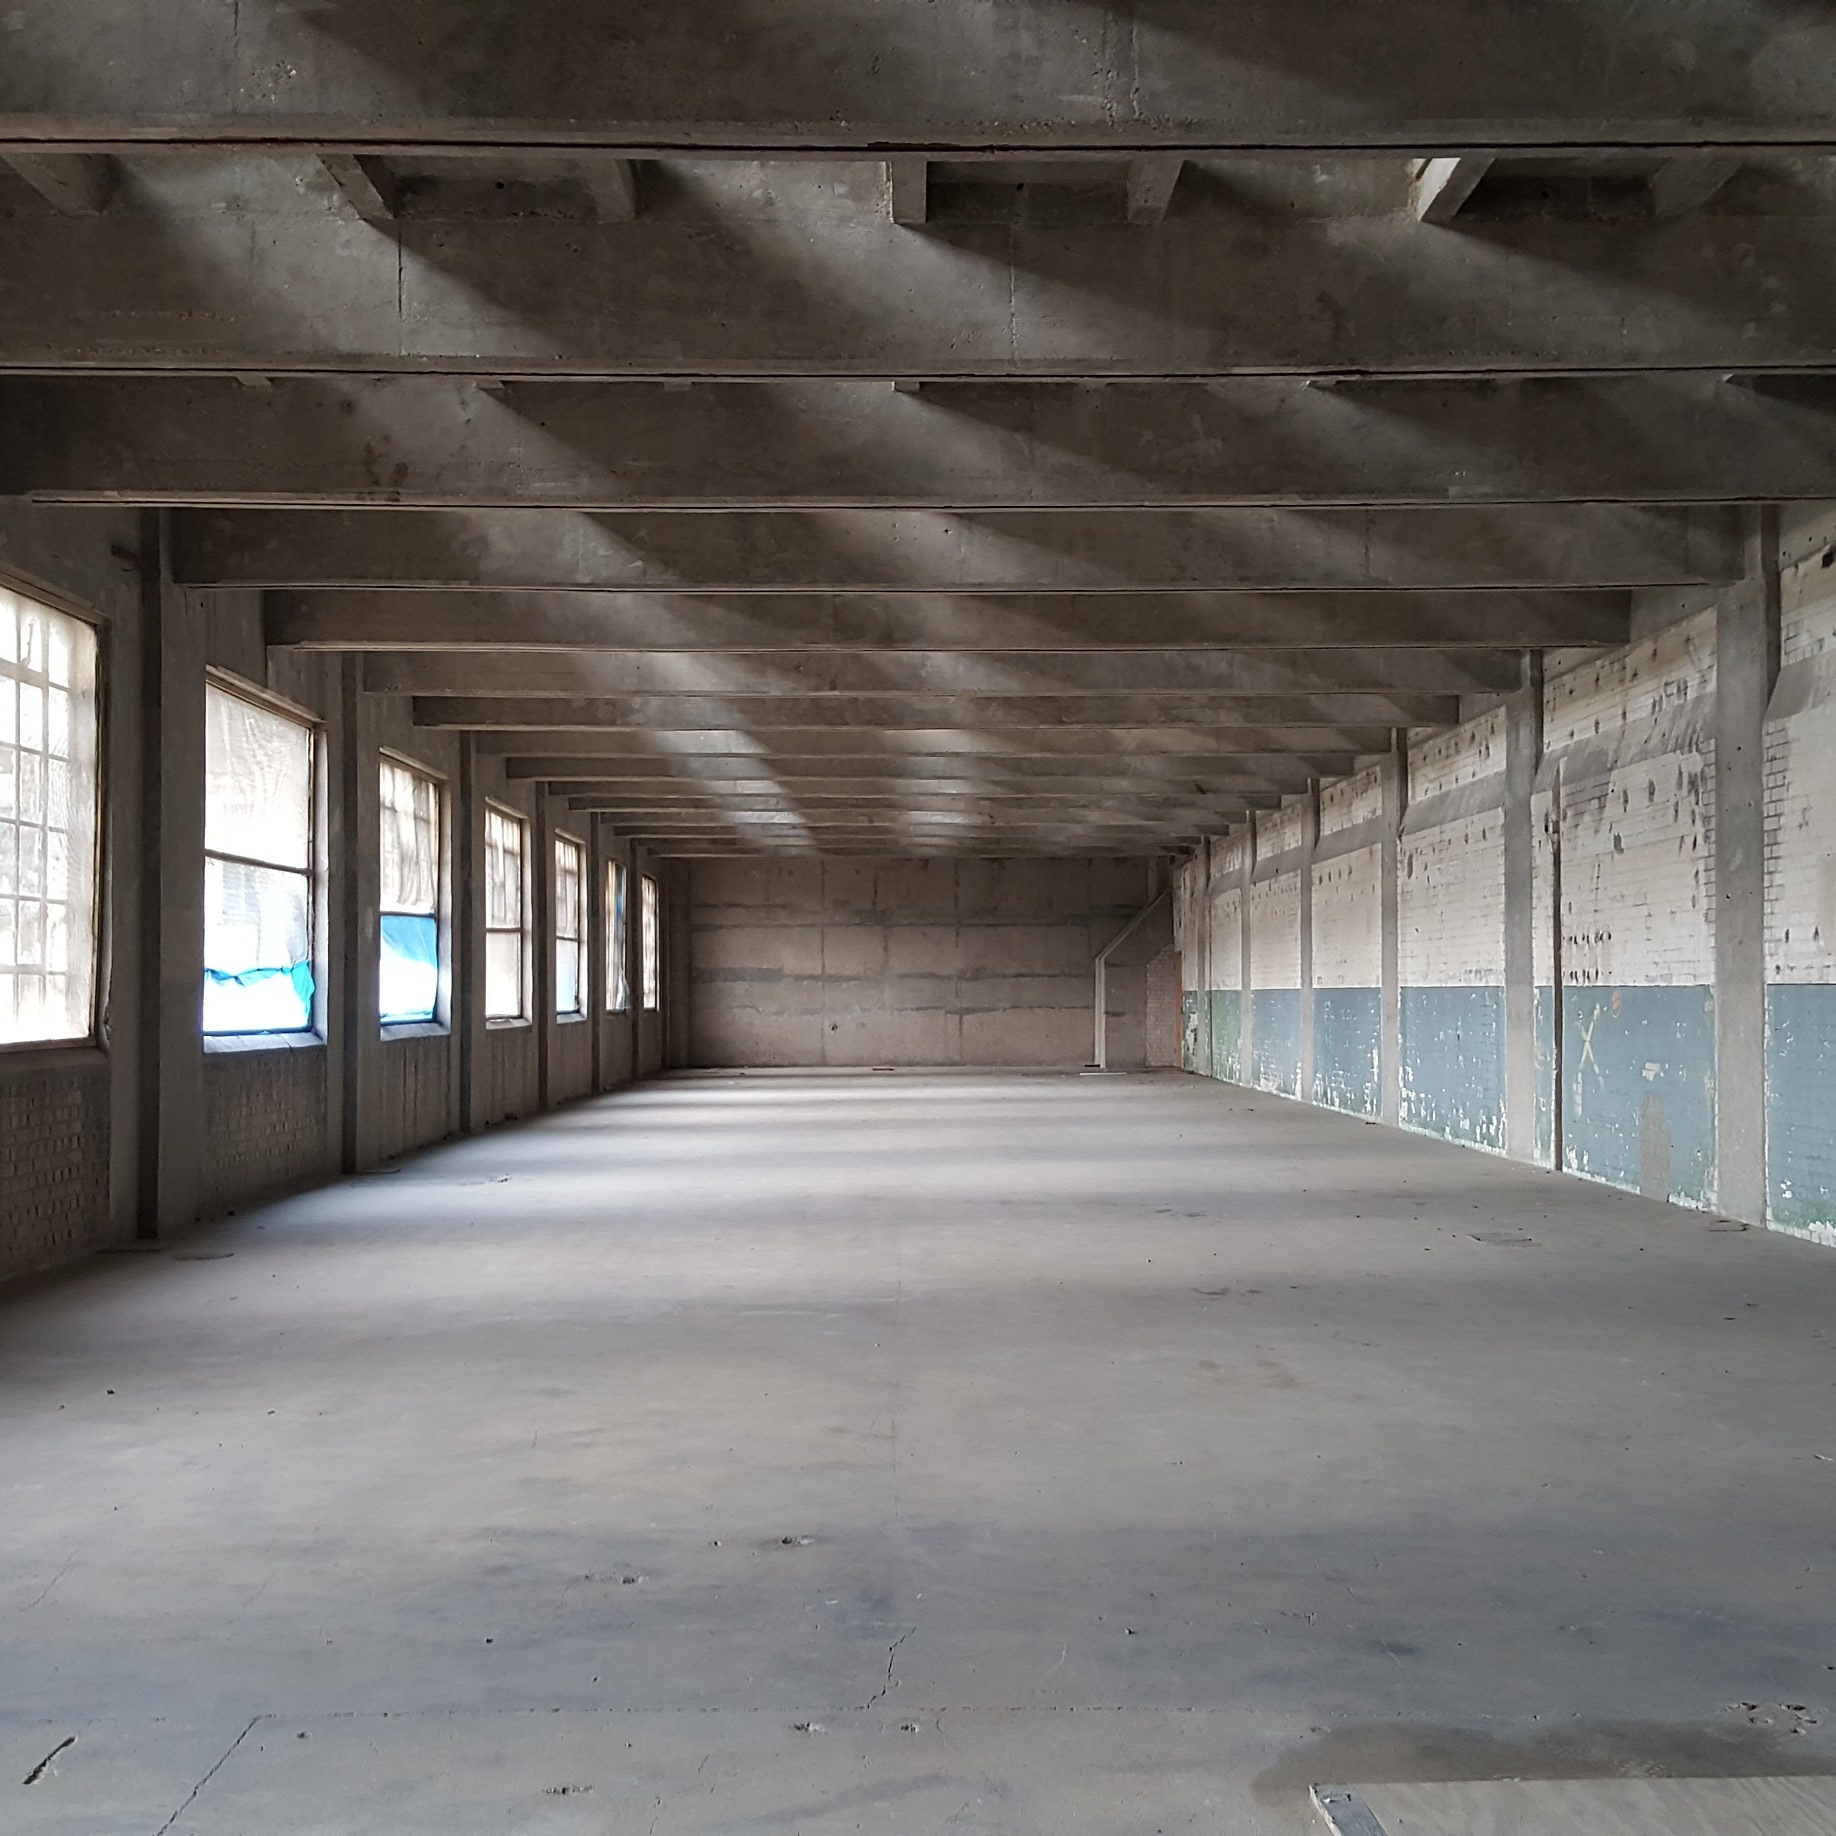 The interior of Millenium Mills